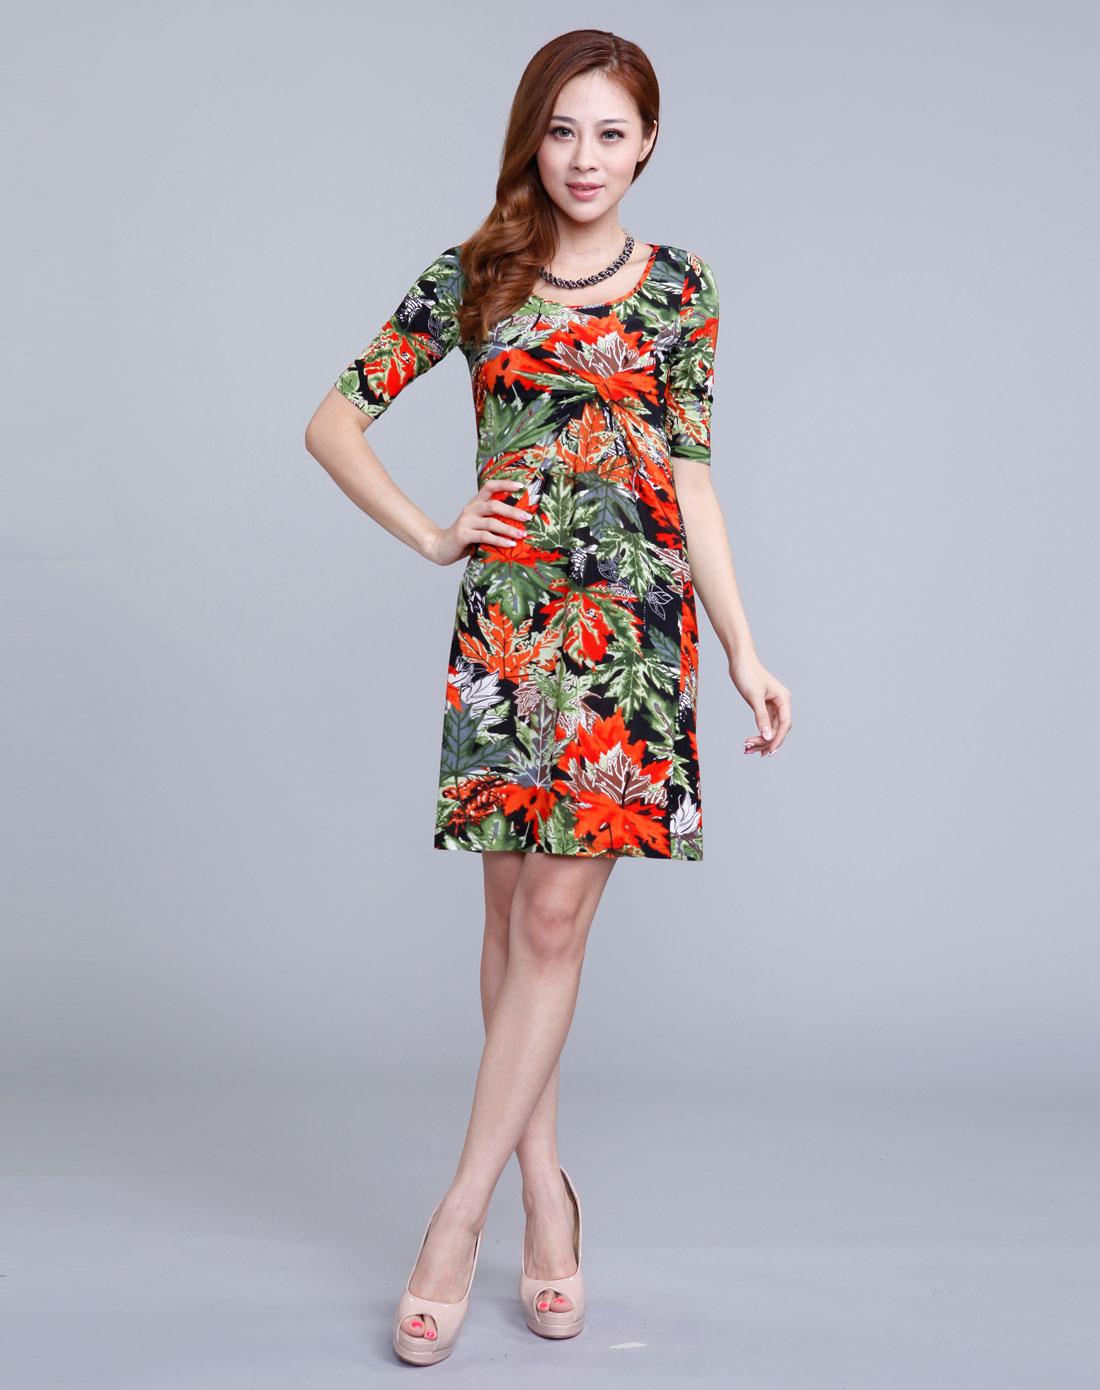 美莎帕mesappas橙色花纹时尚紧身包臀连衣裙18c-ma